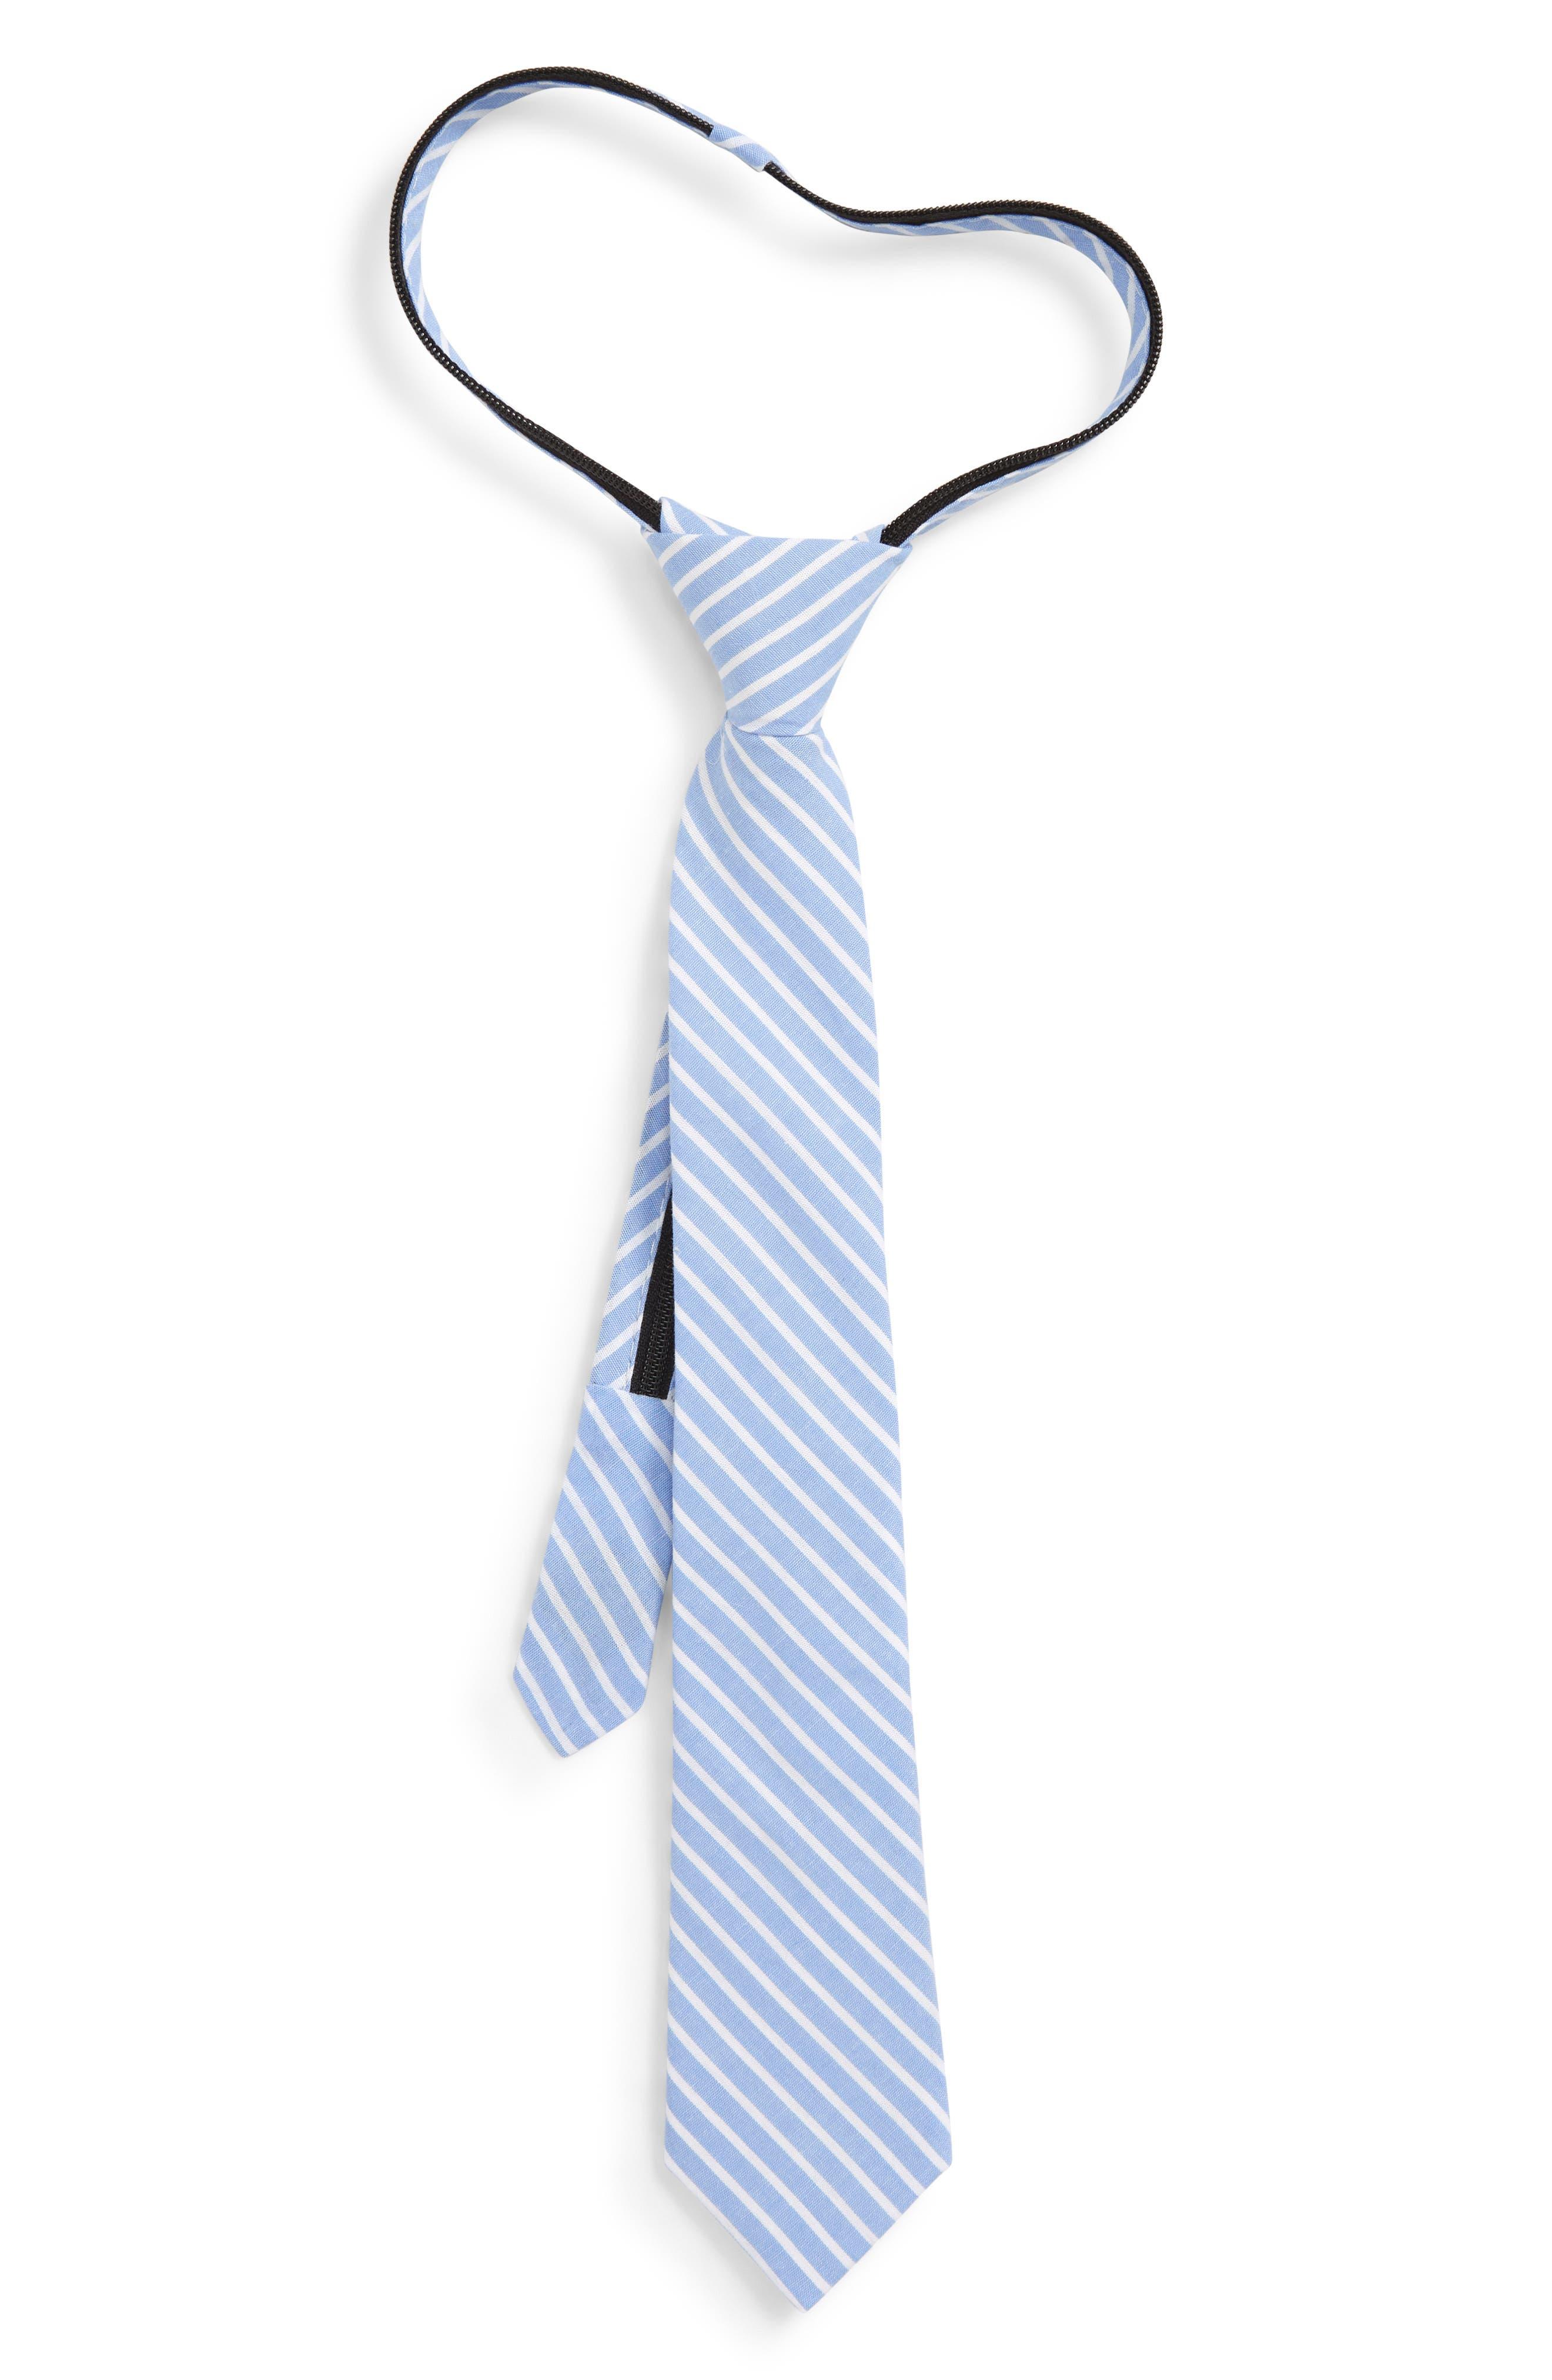 NORDSTROM, Jacob Solid Cotton Zipper Tie, Main thumbnail 1, color, 400